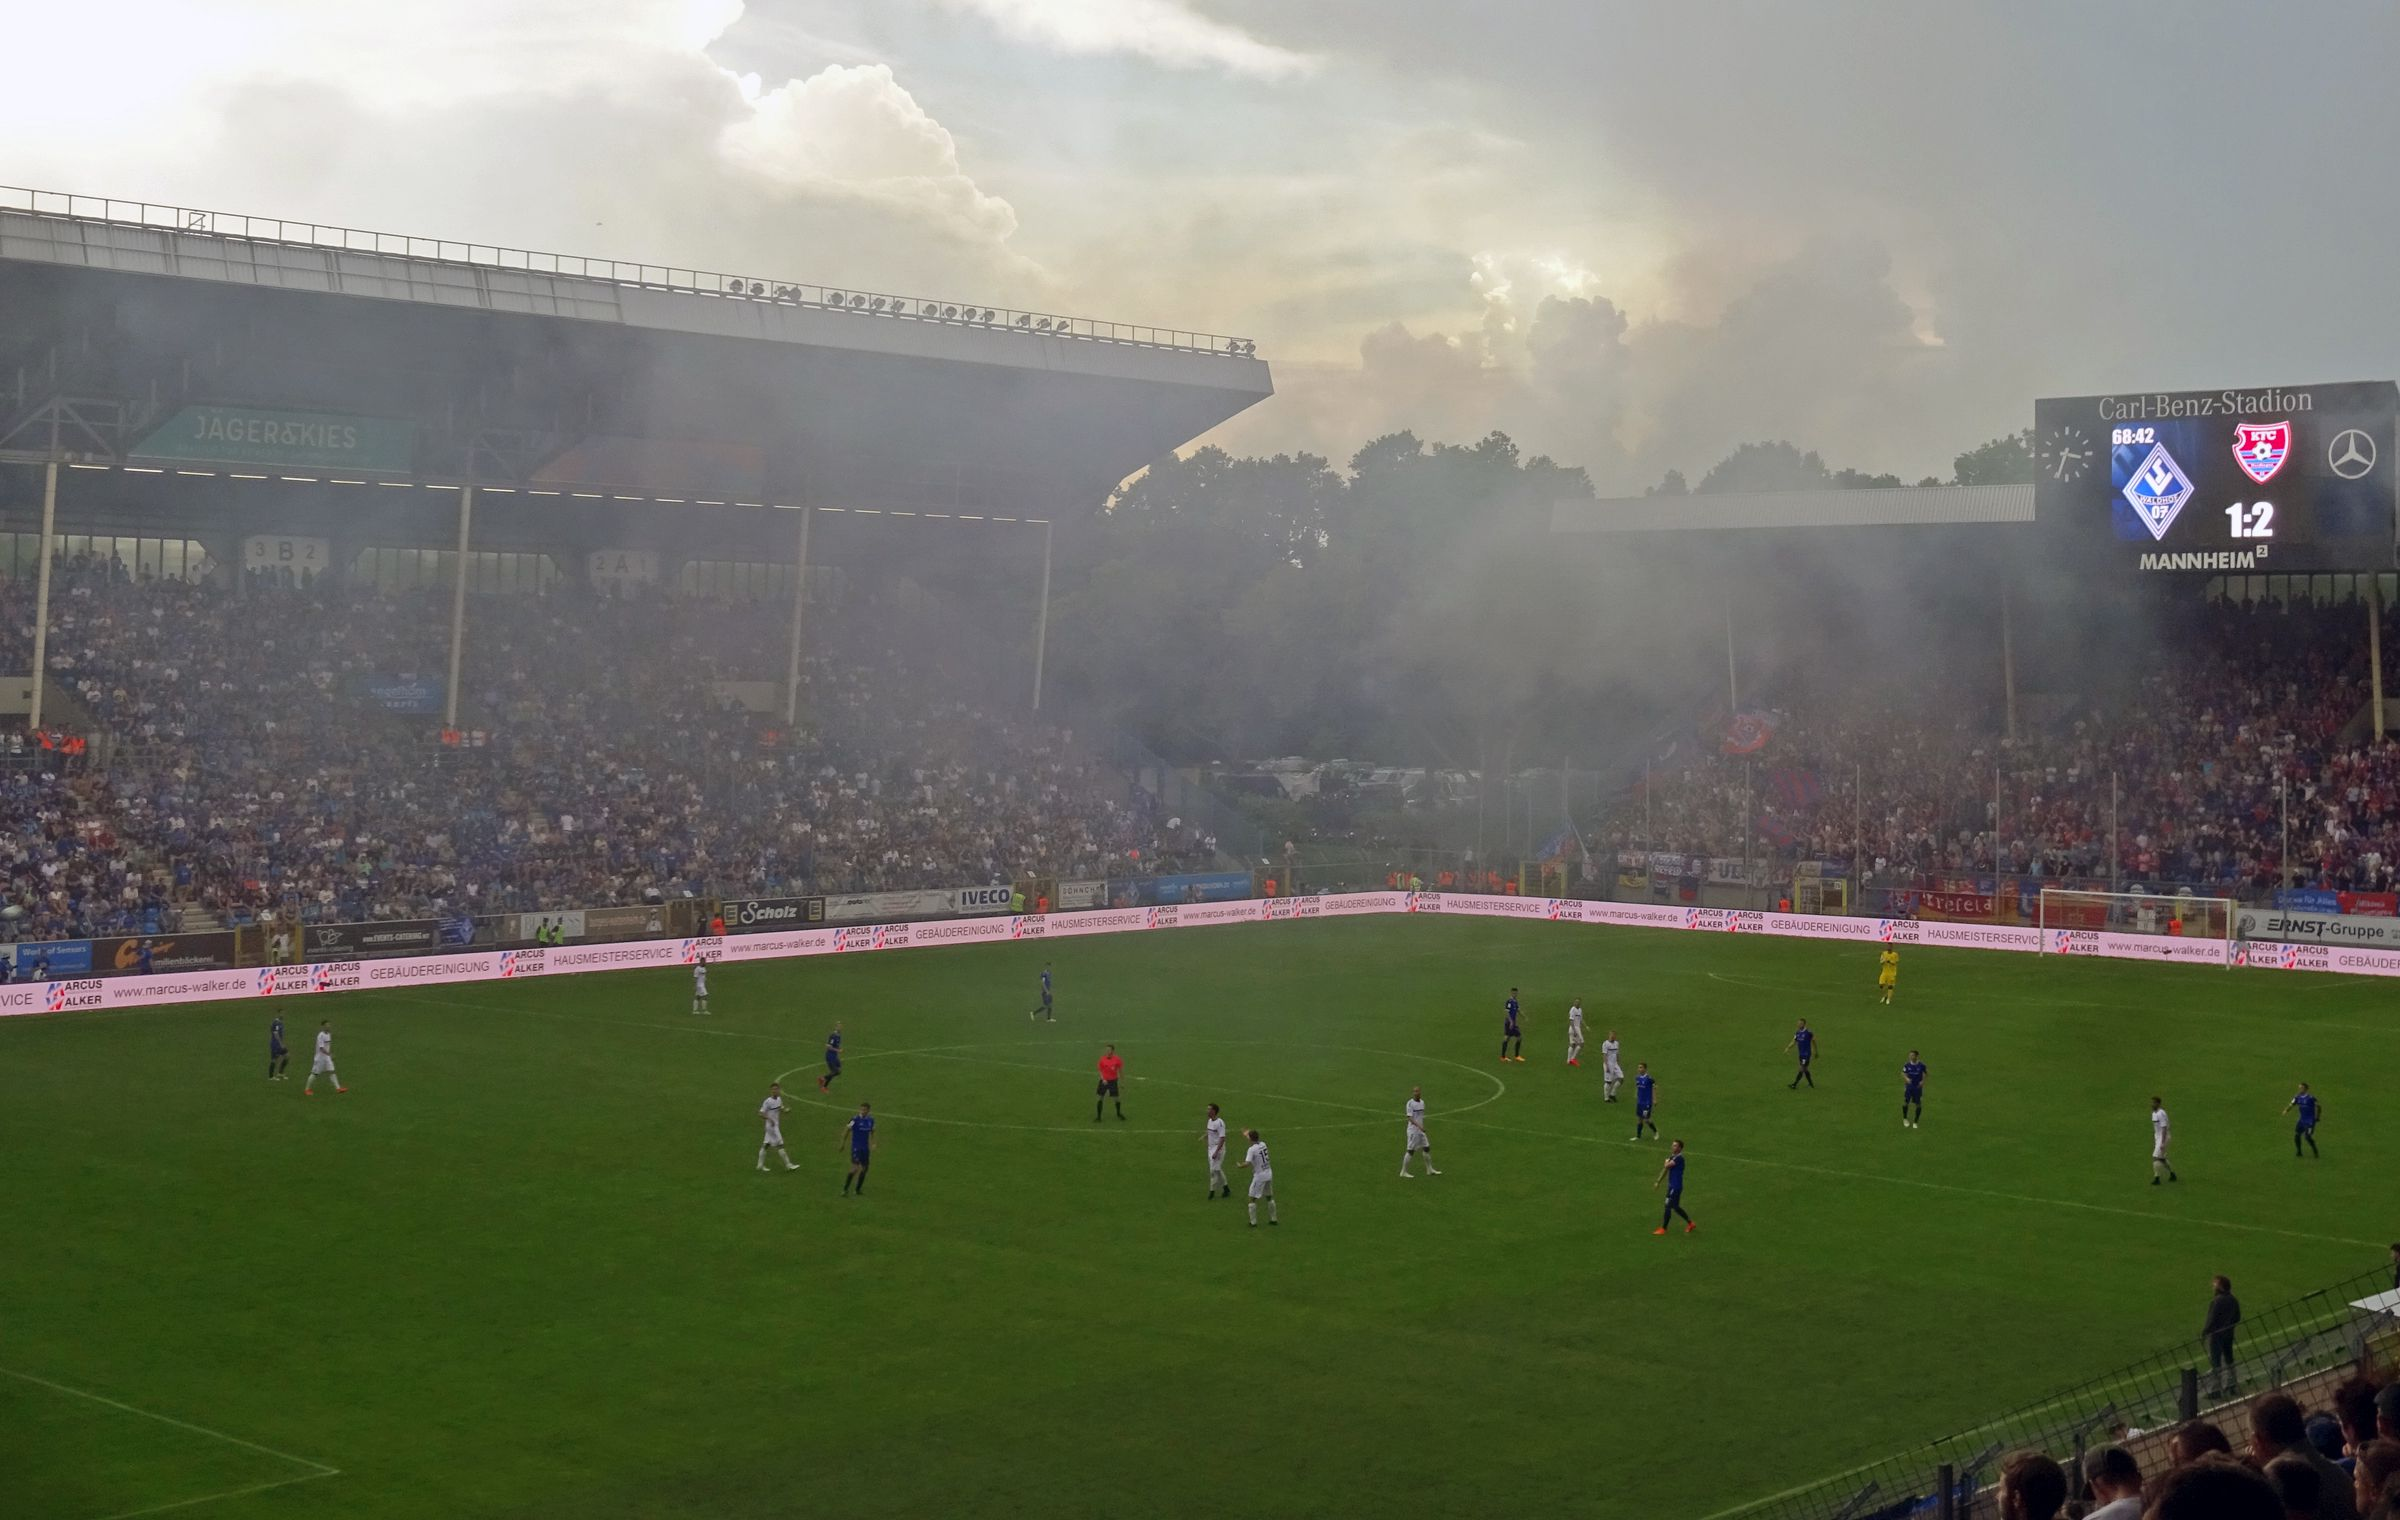 Und schon wieder Rauch über dem Carl-Benz-Stadion…